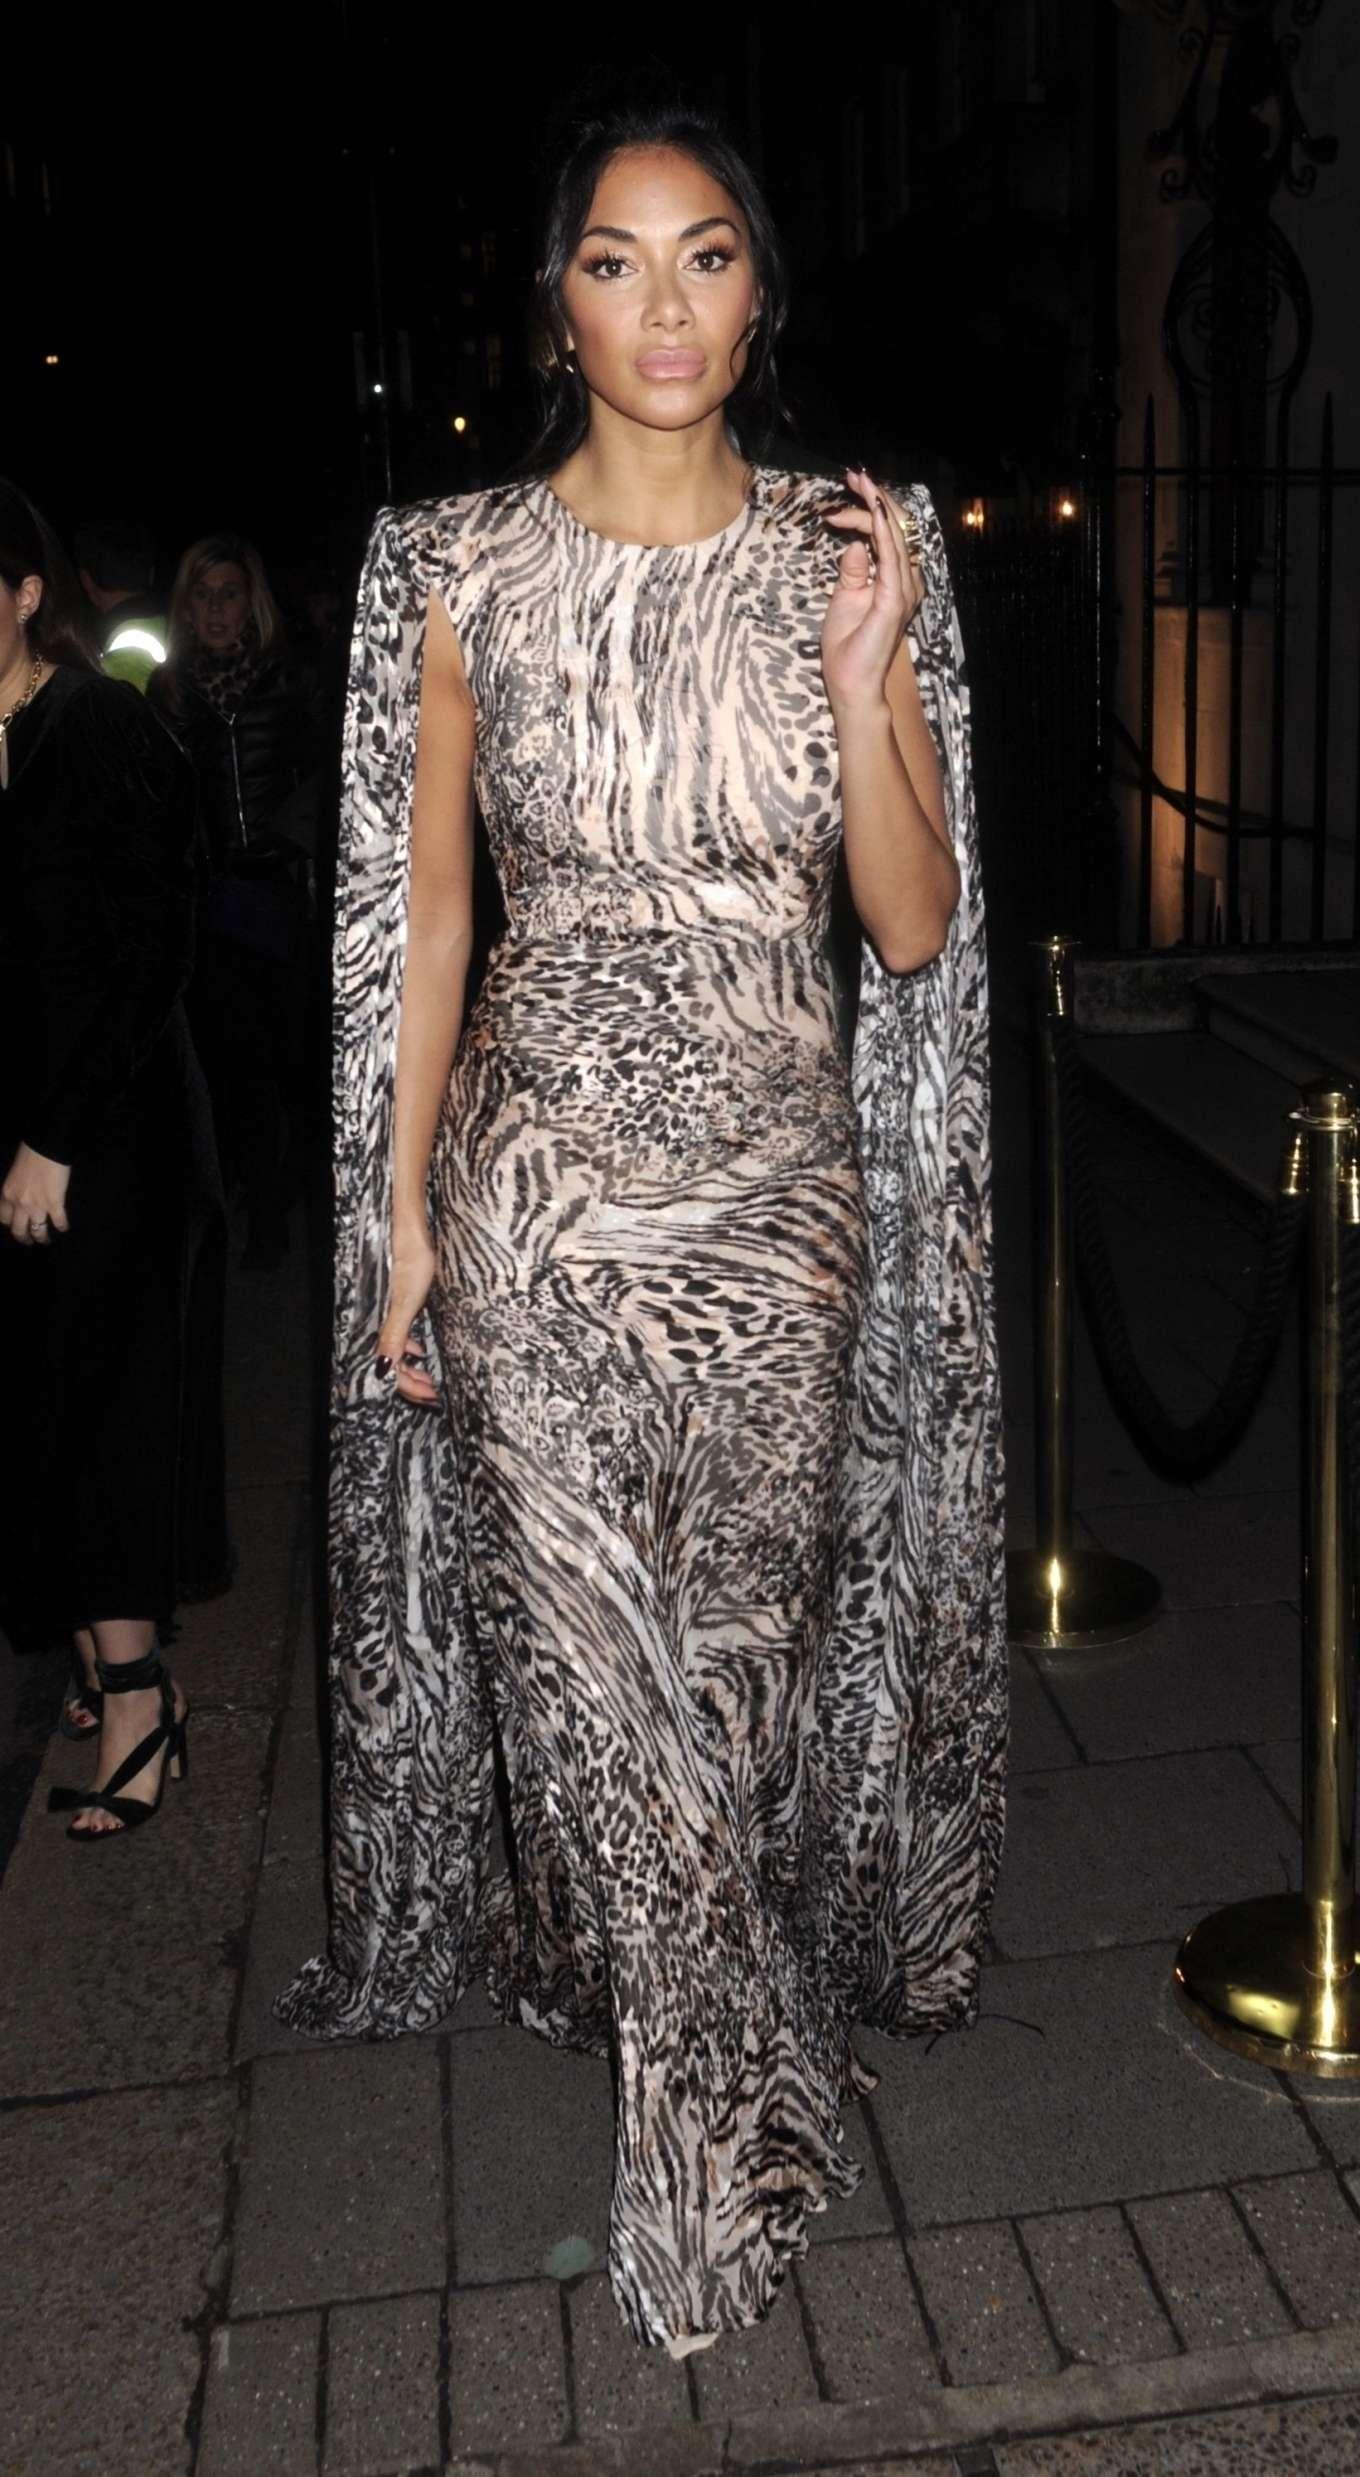 Nicole Scherzinger 2020 : Nicole Scherzinger – Arrives at British Vogues Fashion and Film Party 2020-08